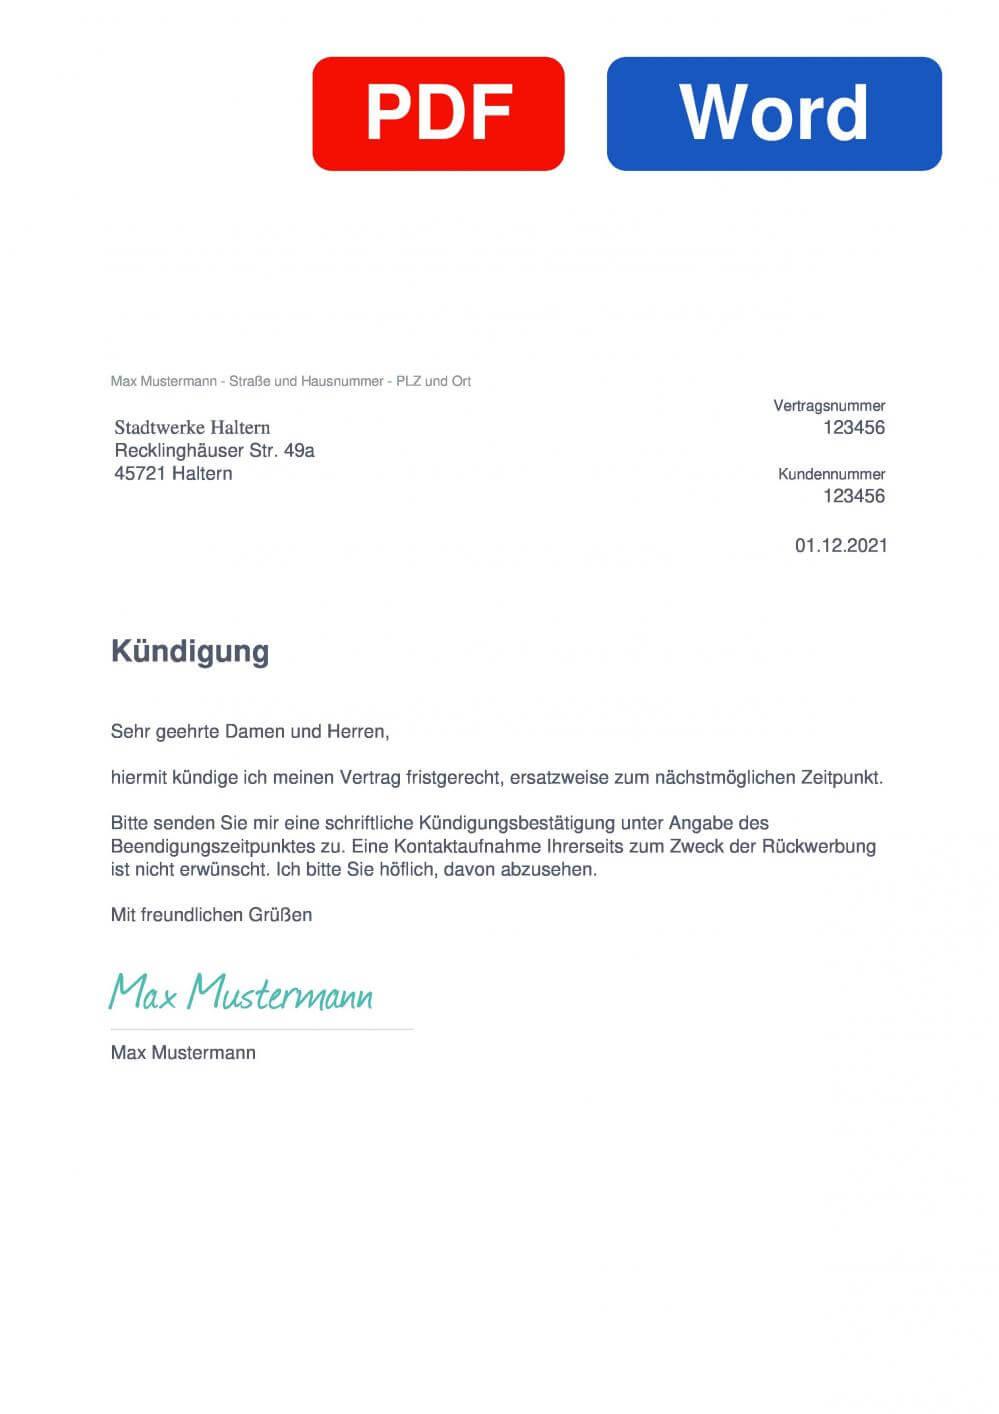 Stadtwerke Haltern Muster Vorlage für Kündigungsschreiben